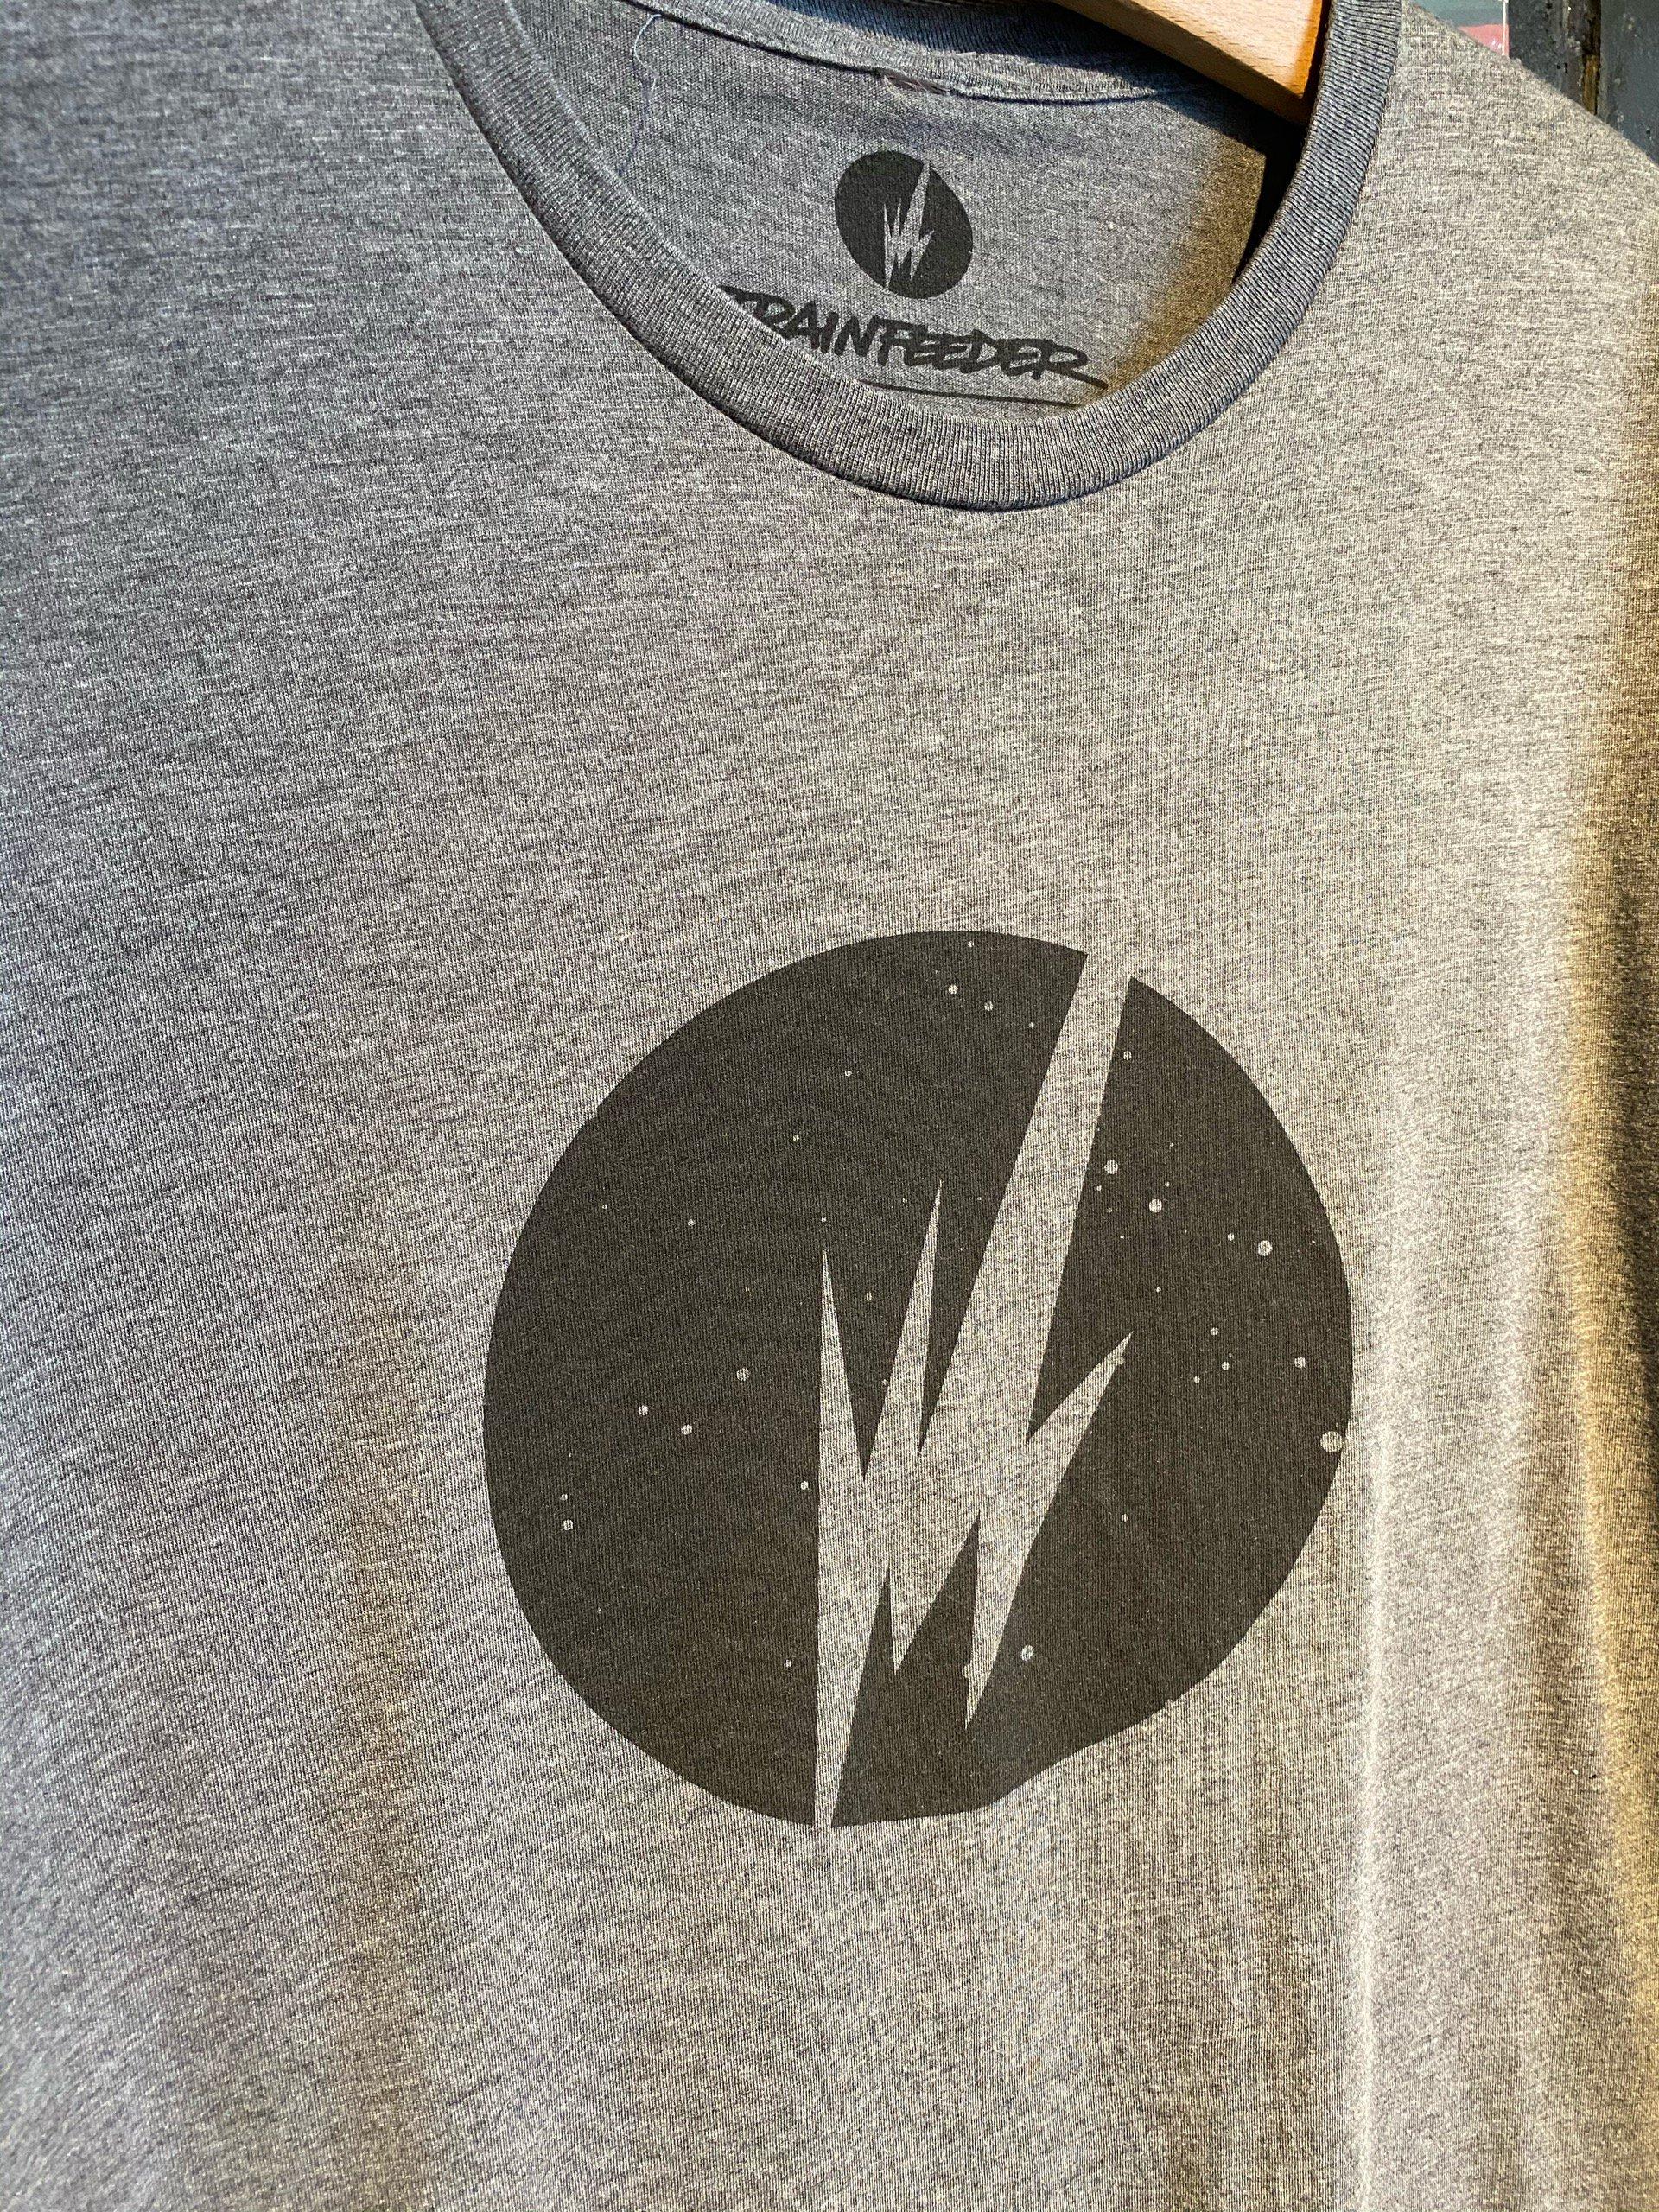 BRAINFEEDER T-shirts